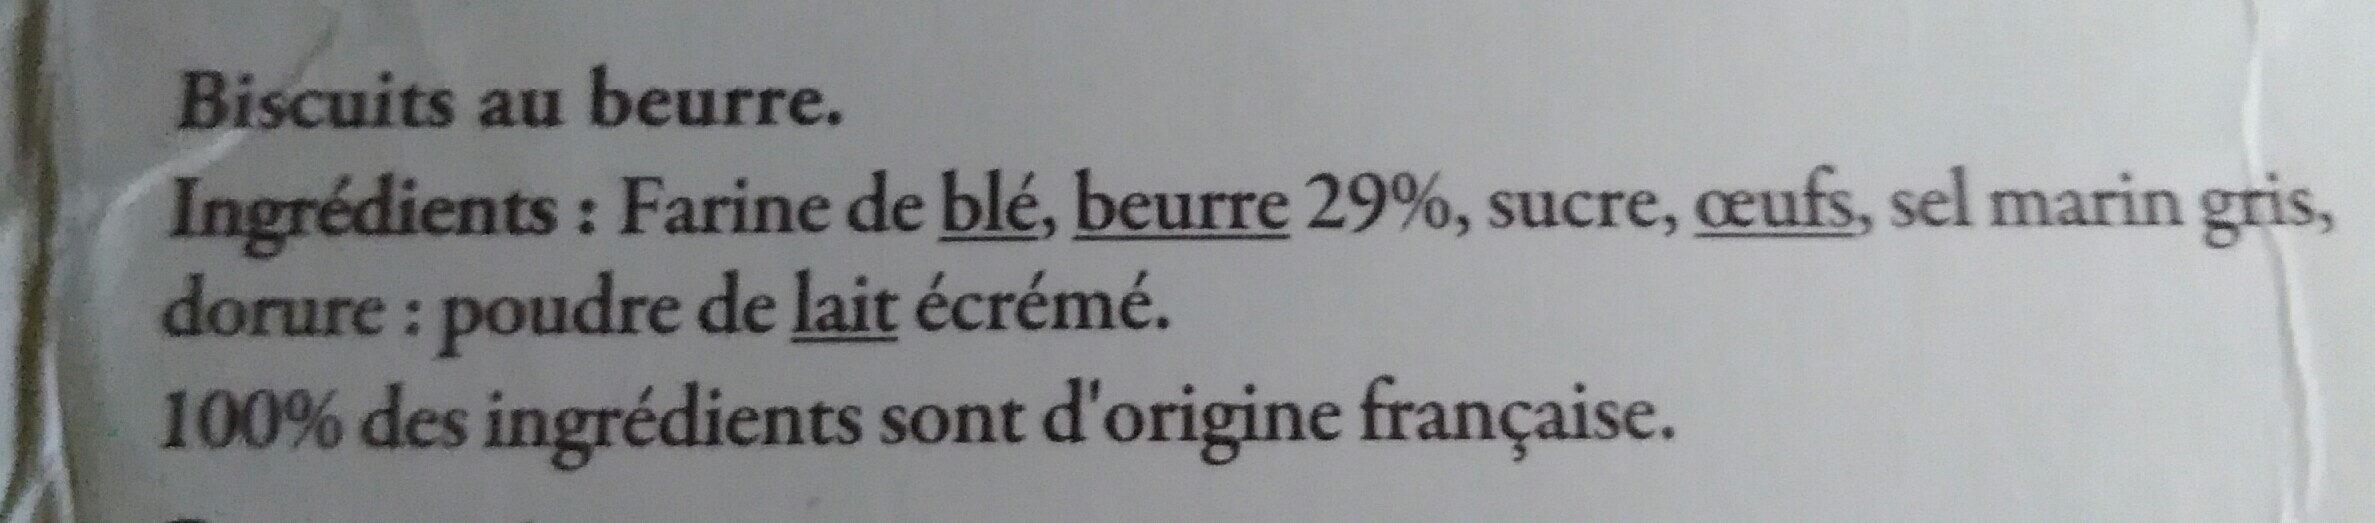 Galette Bretonnes 100g Reflets de France - Ingrédients - fr